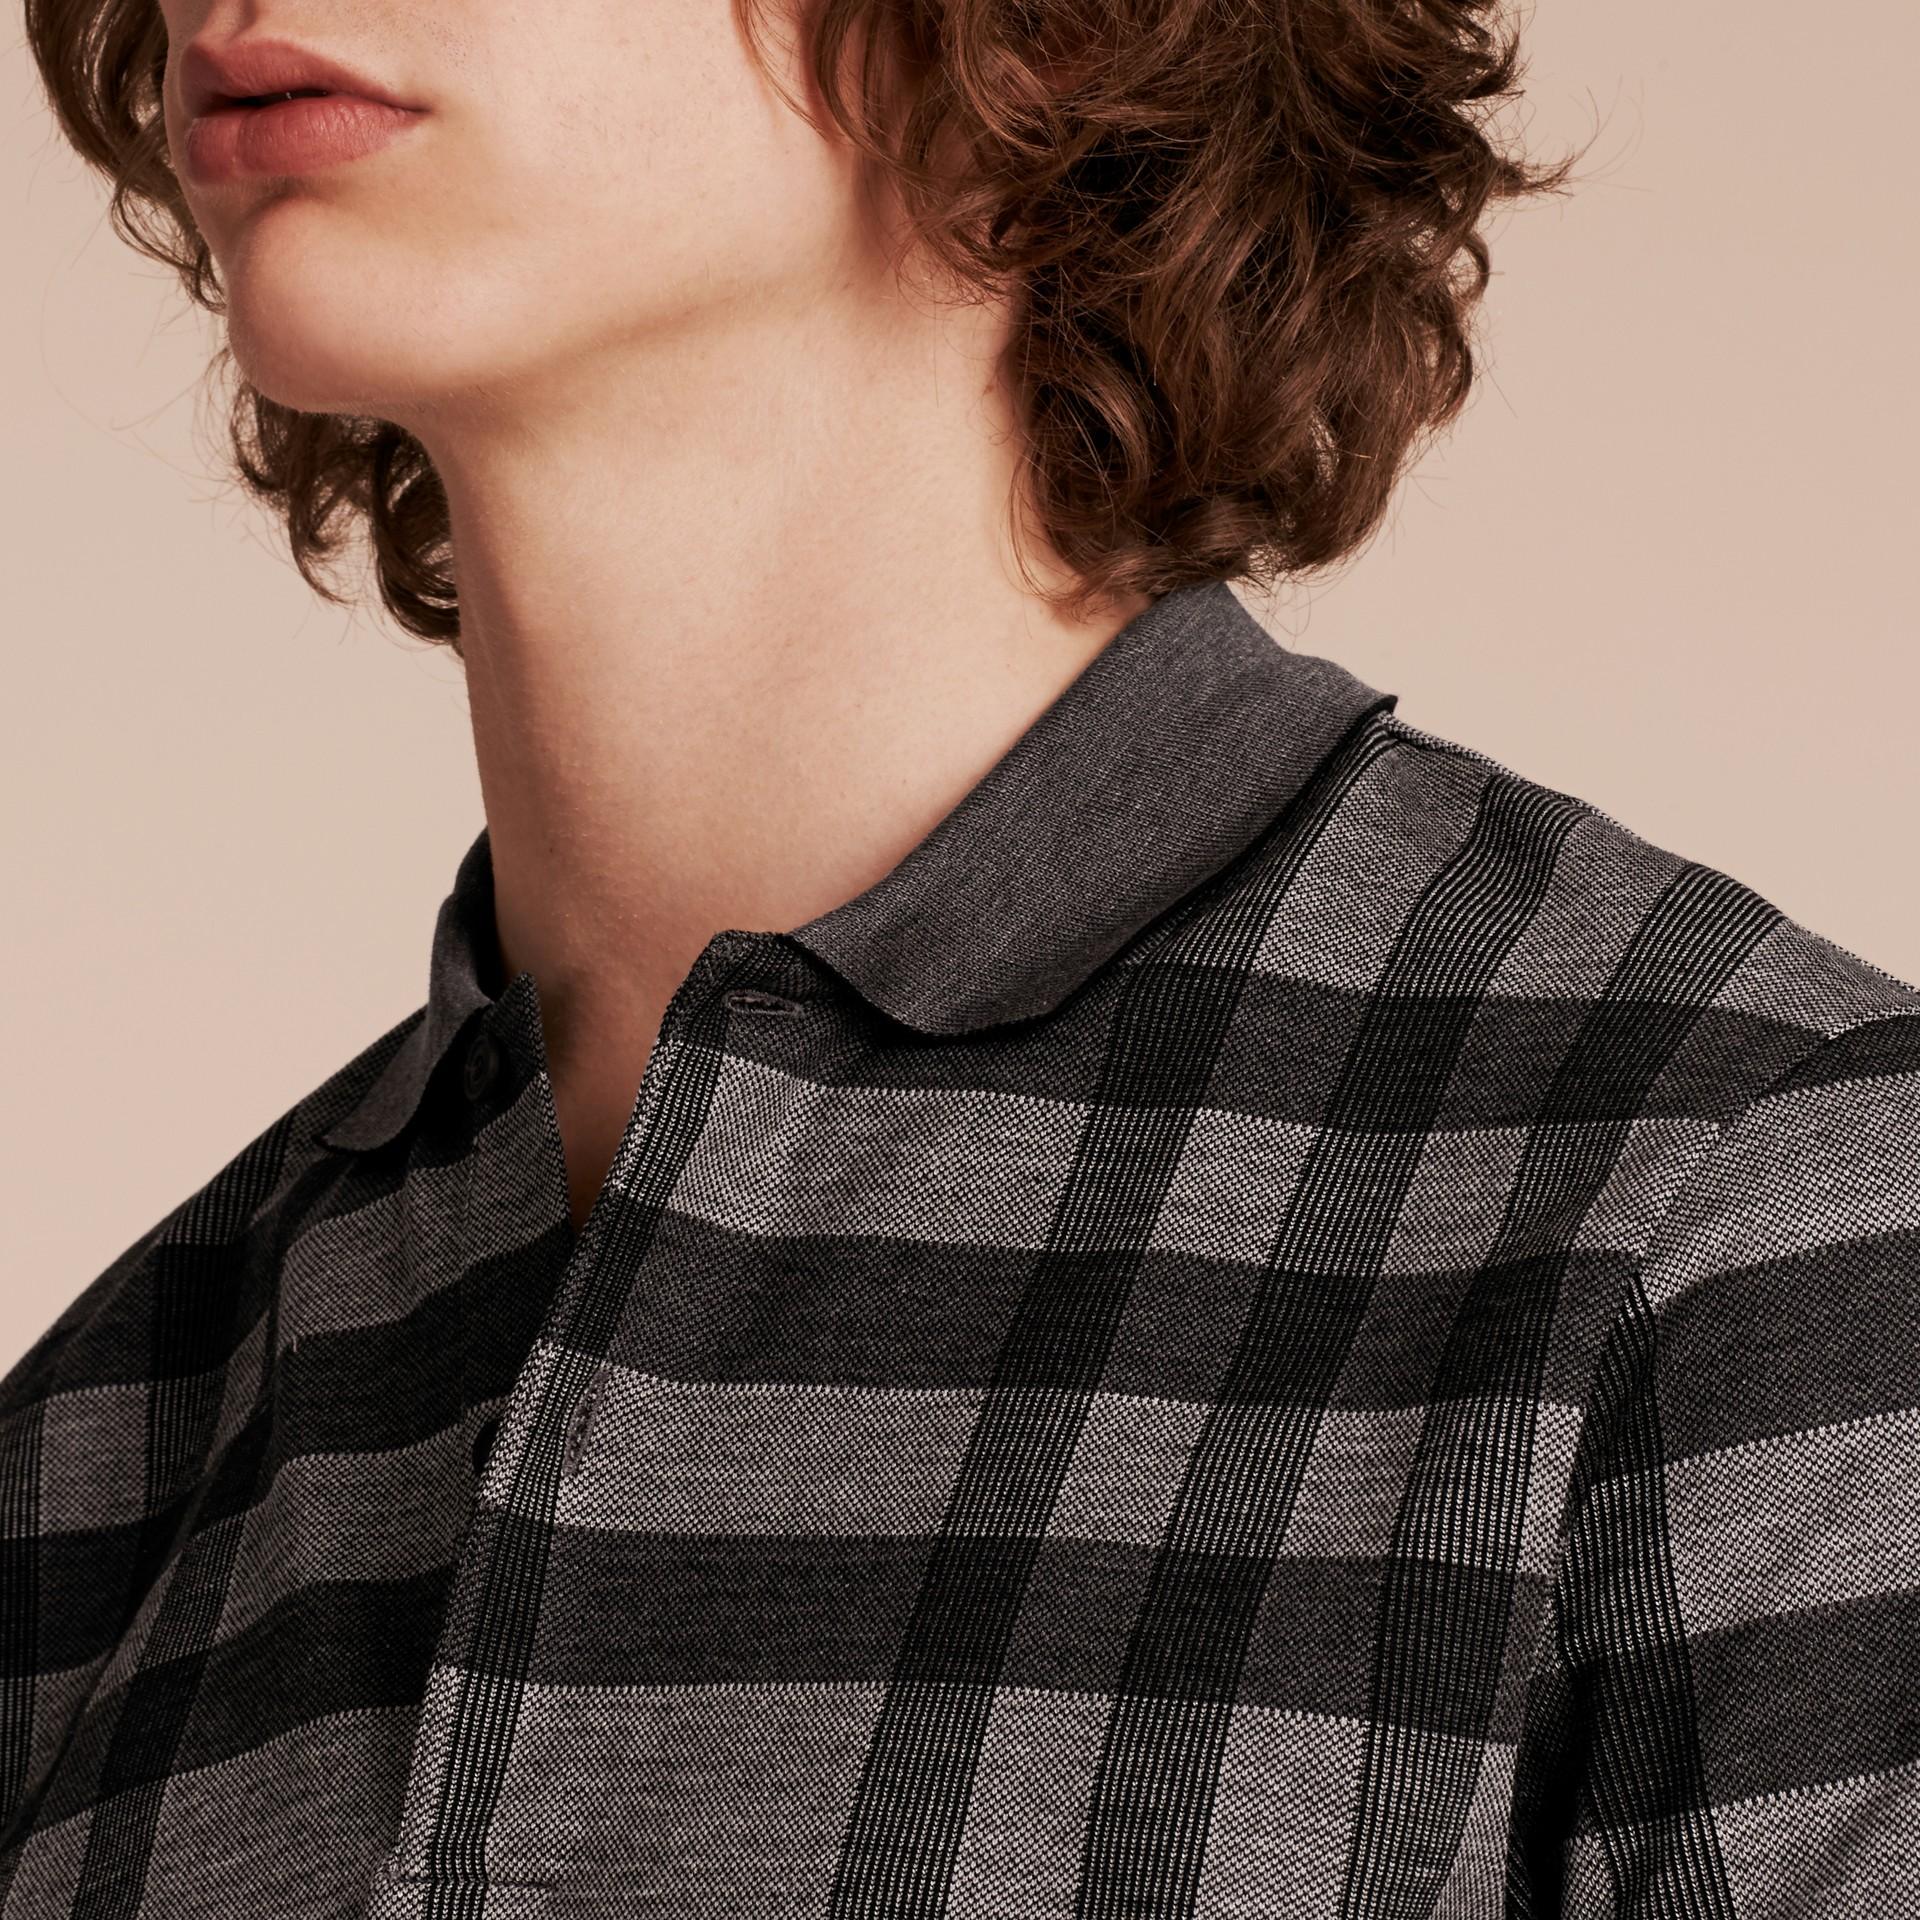 Mid grey Camisa polo de algodão stretch com estampa xadrez Mid Grey - galeria de imagens 5